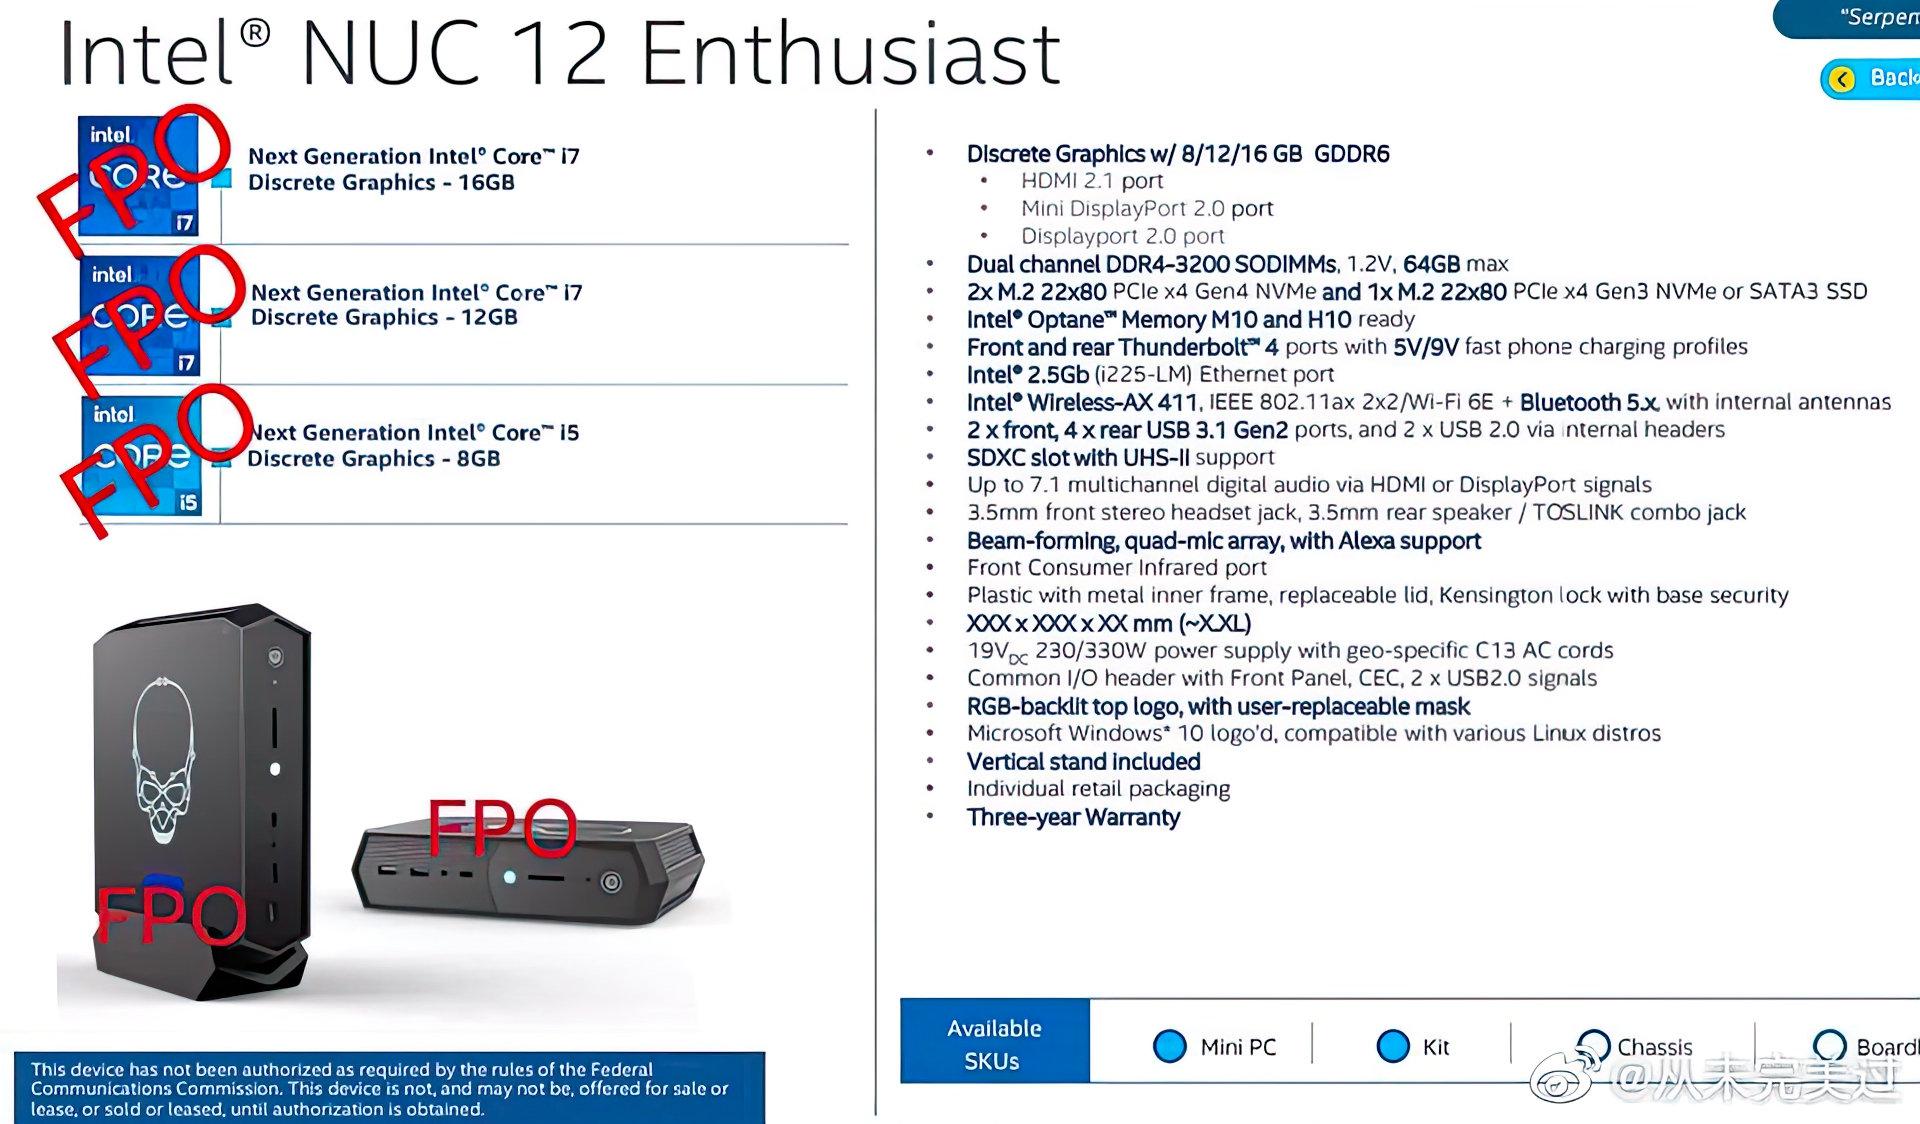 Мини-компьютер Intel NUC 12 Enthusiast сочетает процессоры Alder Lake и дискретную графику DG2